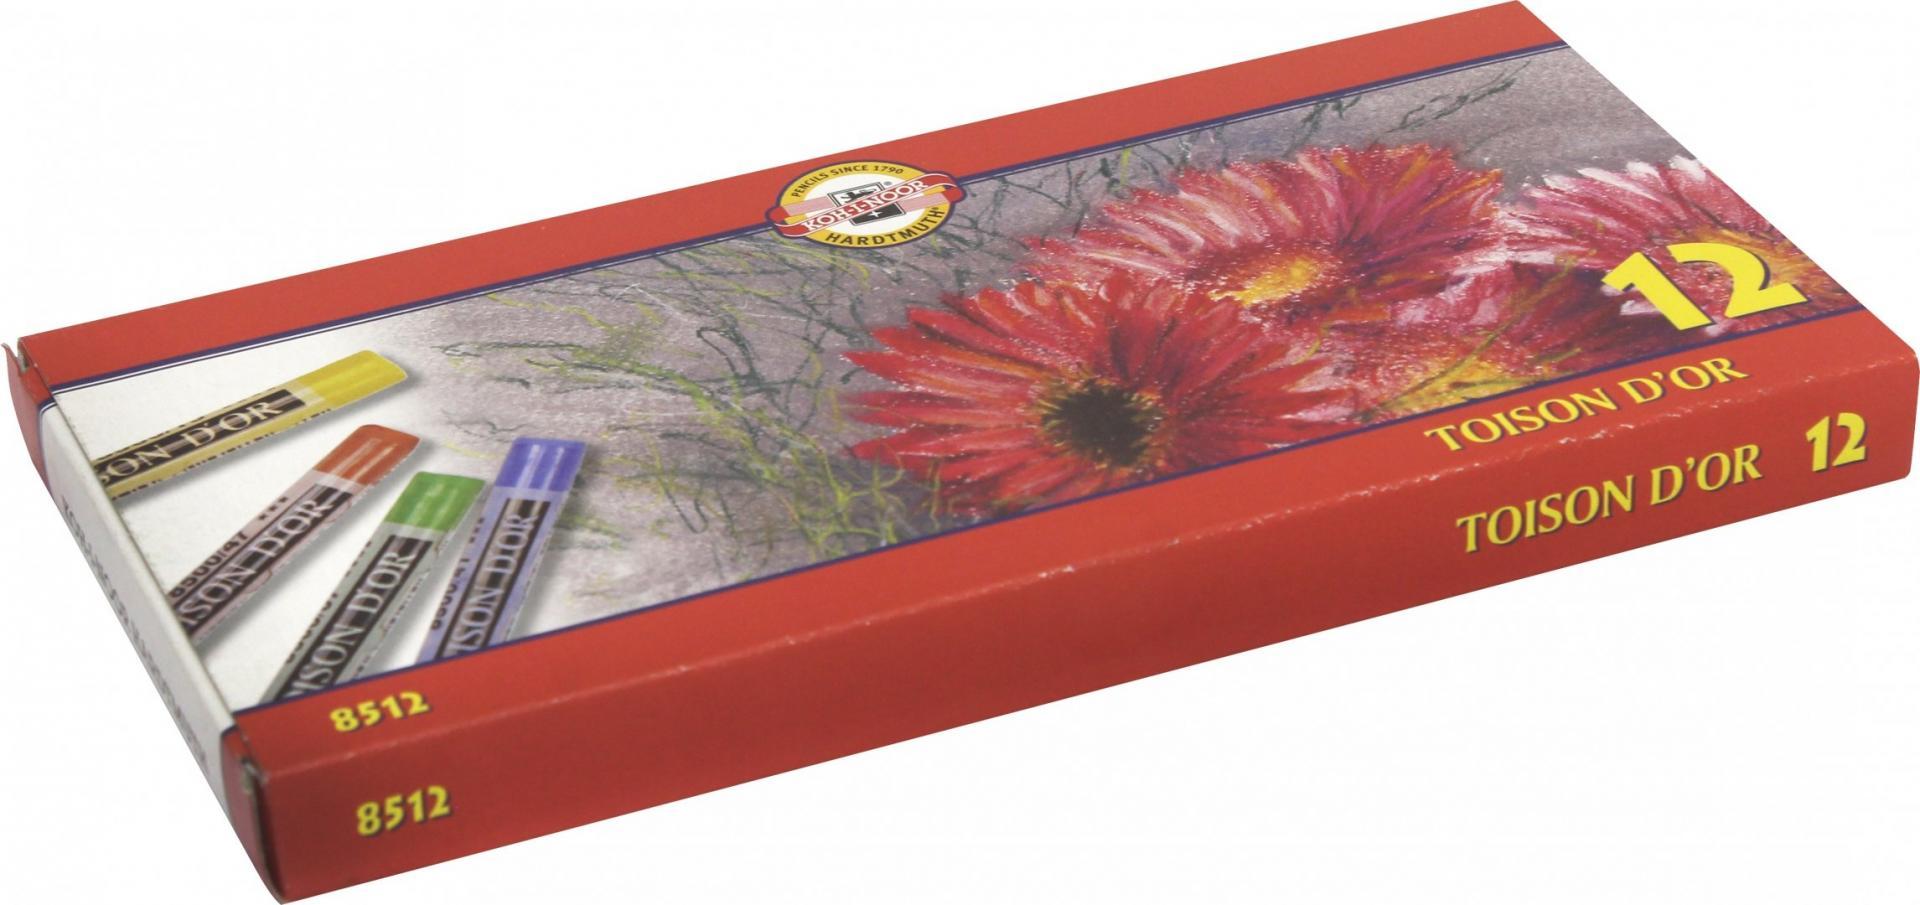 Иллюстрация 1 из 10 для Пастель сухая, 12 цветов (8512) | Лабиринт - канцтовы. Источник: Лабиринт